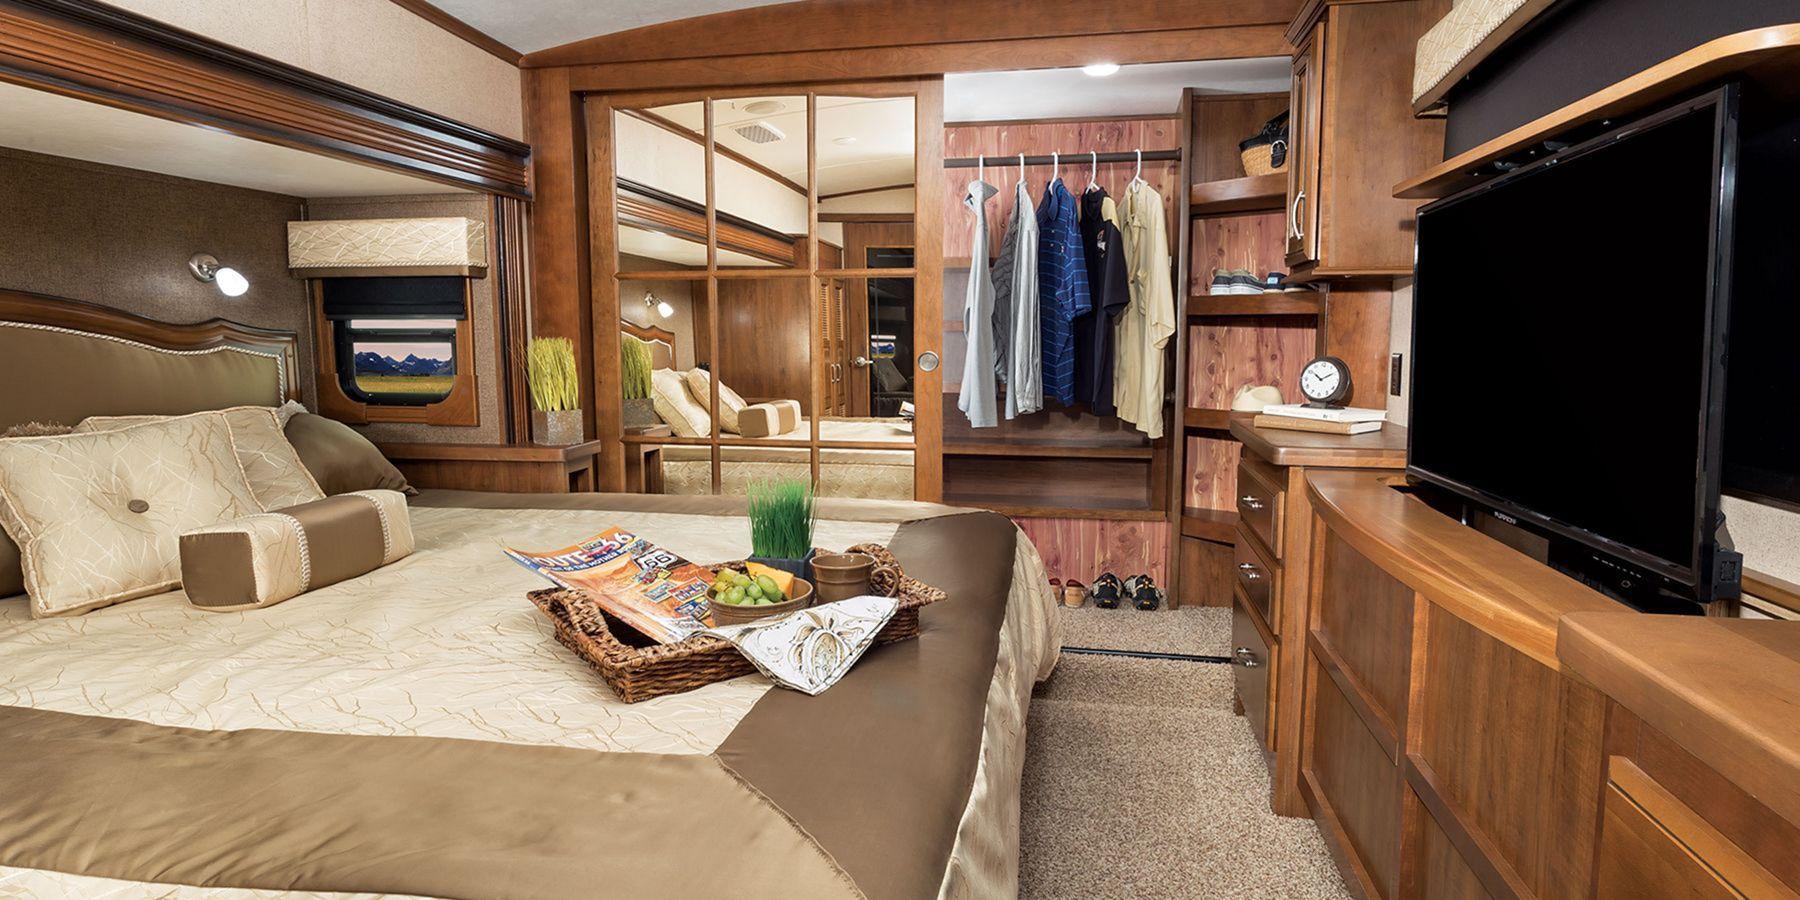 25 Cozy RV Bedroom Ideas For Cozy Summer Camping Bed